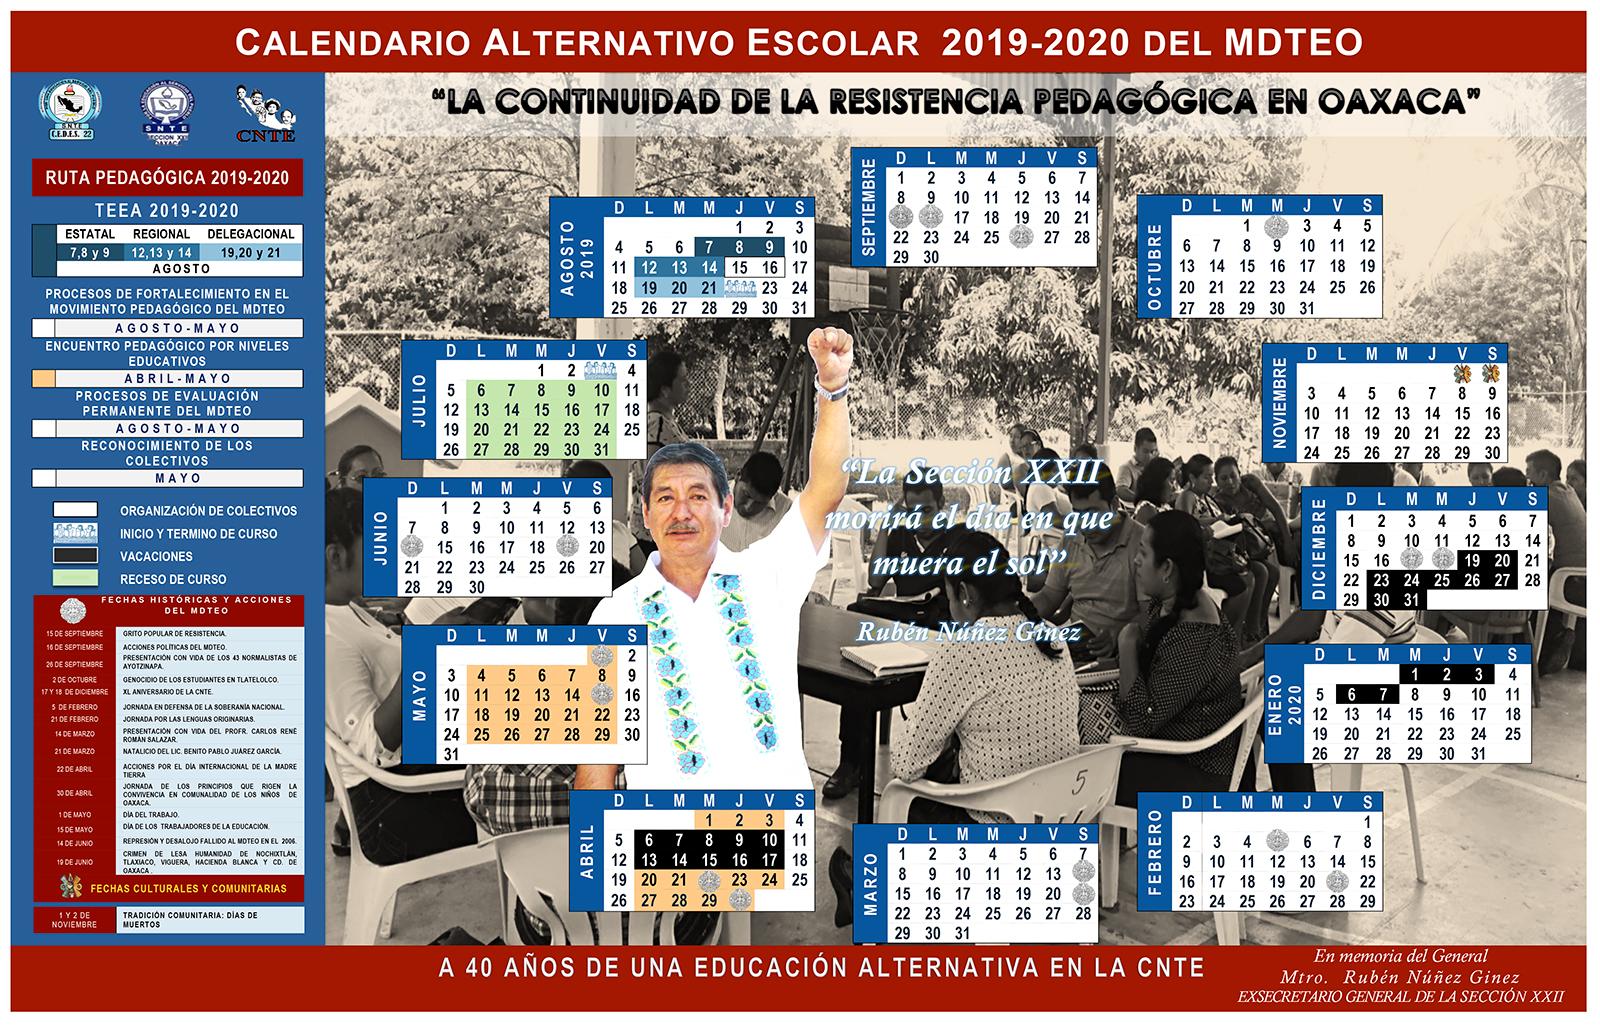 Calendario Escolar 2020 Sep Cdmx.Calendario Alternativo Escolar 2019 2020 Del Mdteo